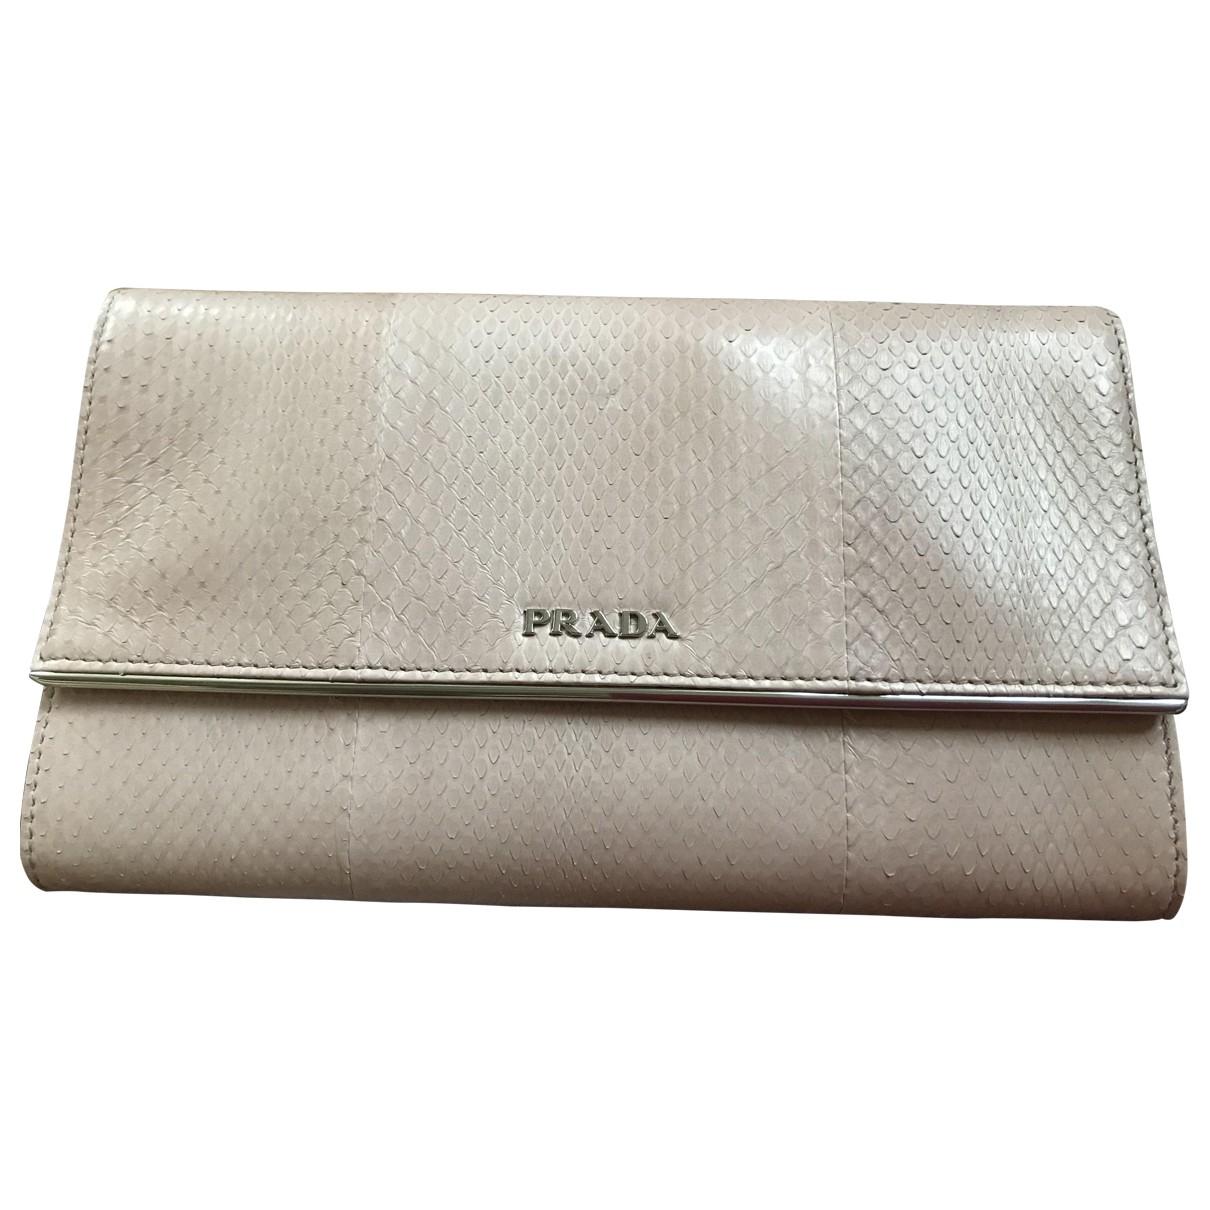 Prada \N Pink Exotic leathers wallet for Women \N